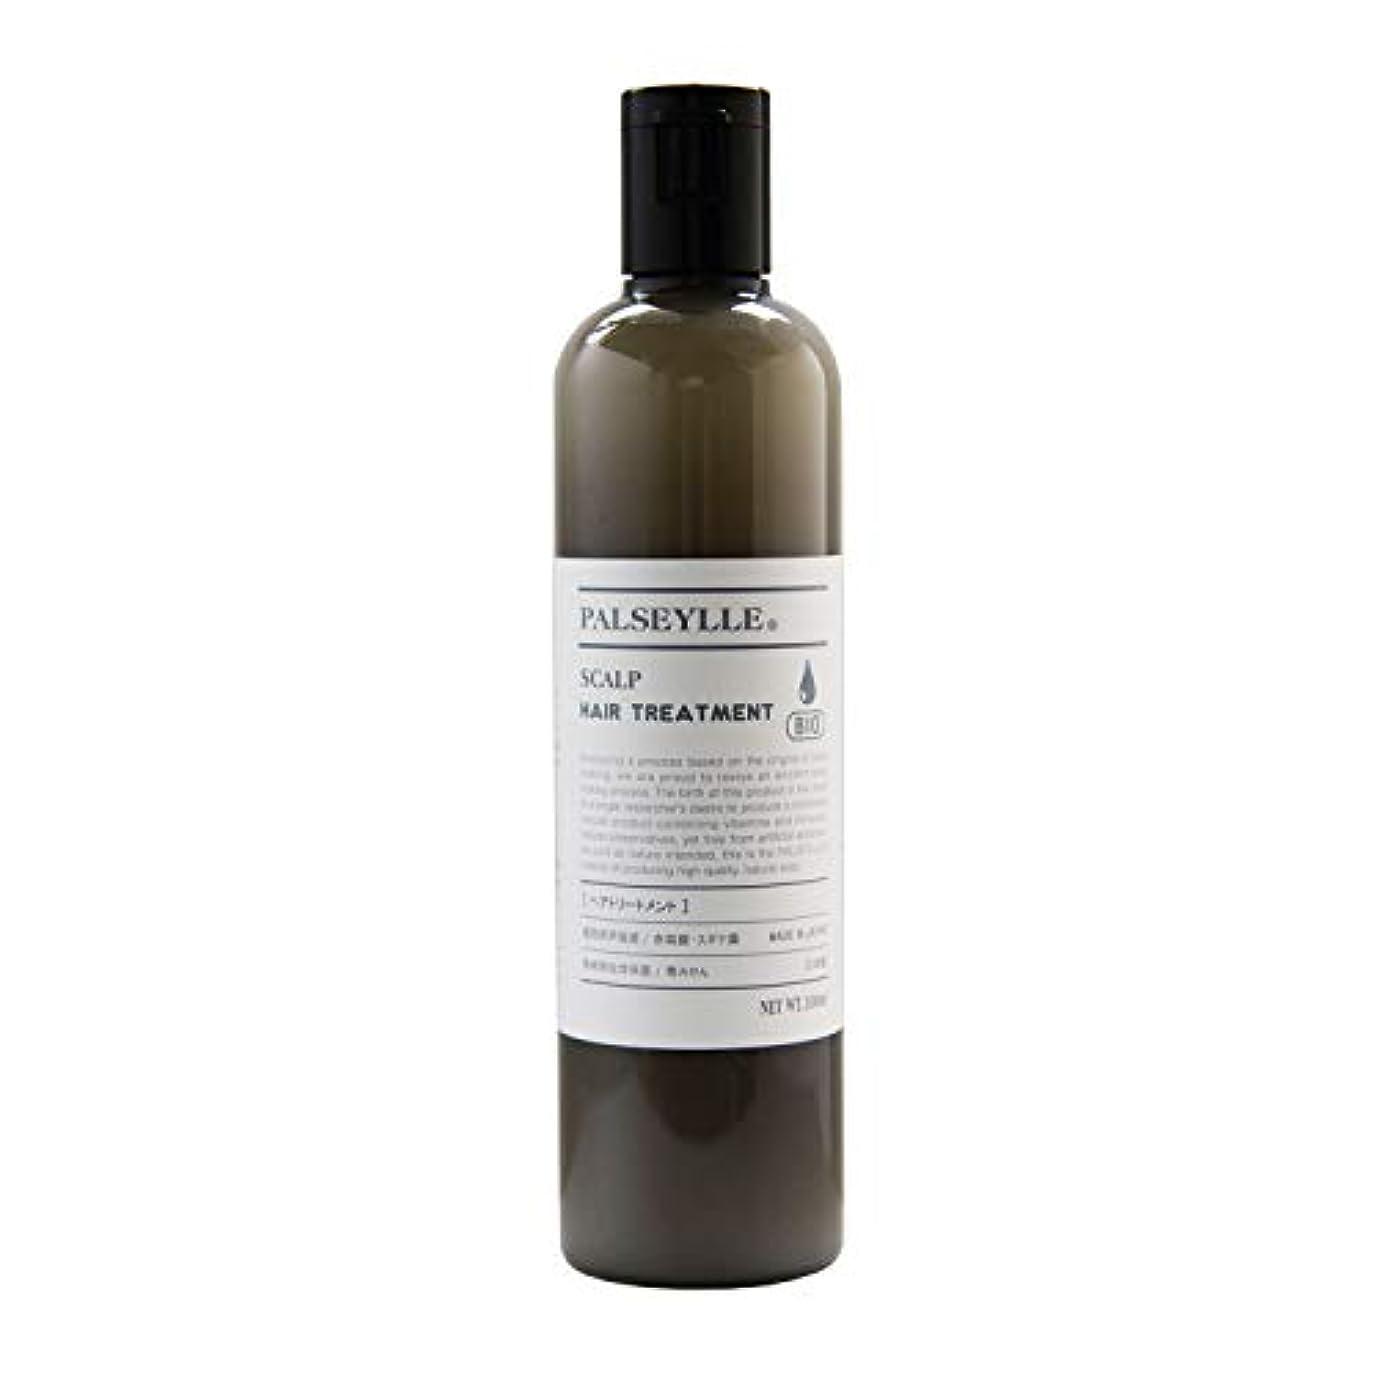 に付けるしなやかもちろんパルセイユ スカルプ ヘアトリートメント 300ml 頭皮ケア [有機JAS認定 こだわりの植物原料 天然 植物エキス] 優雅なアロマ ハーブブレンドの香り 【VSD化粧品オリジナルノベルティ付】